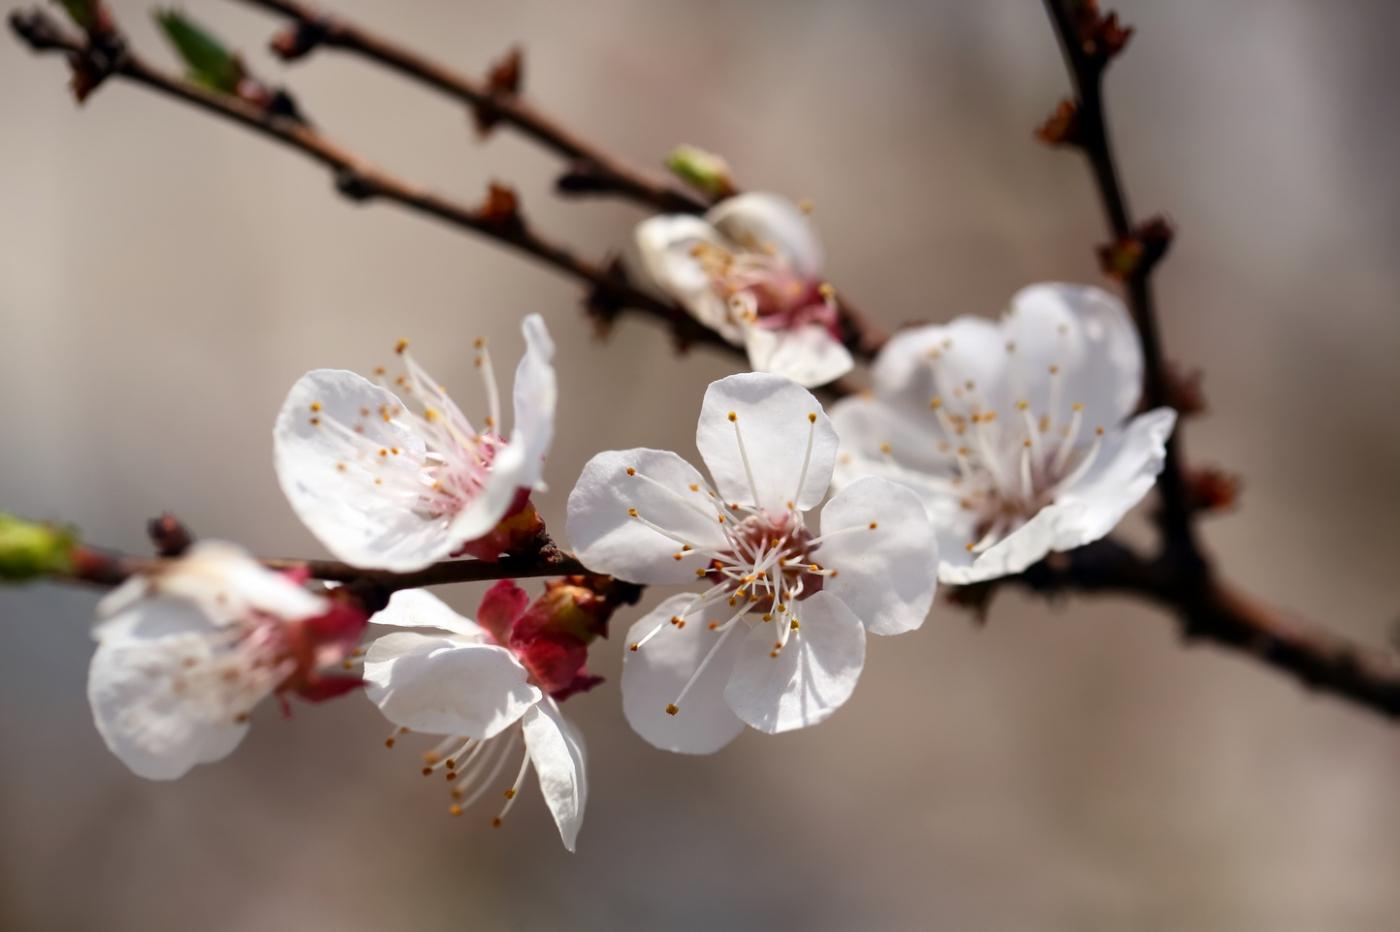 感受春天的节奏_图1-7